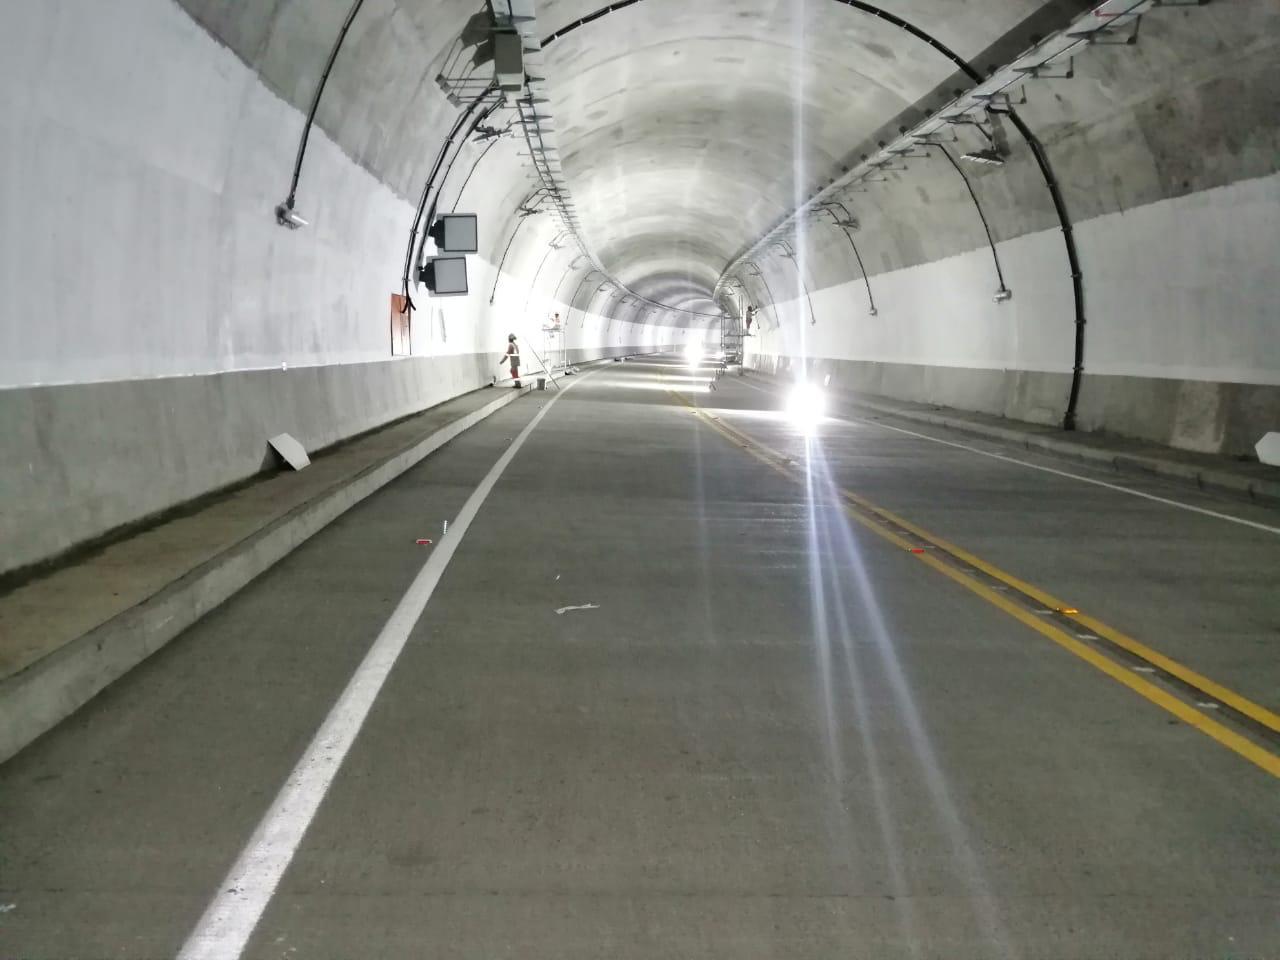 Risaralda, Caldas y Antioquia cada vez más conectadas con los Puentes Cauca, Tapias y el Túnel de Irra que entraron en funcionamiento